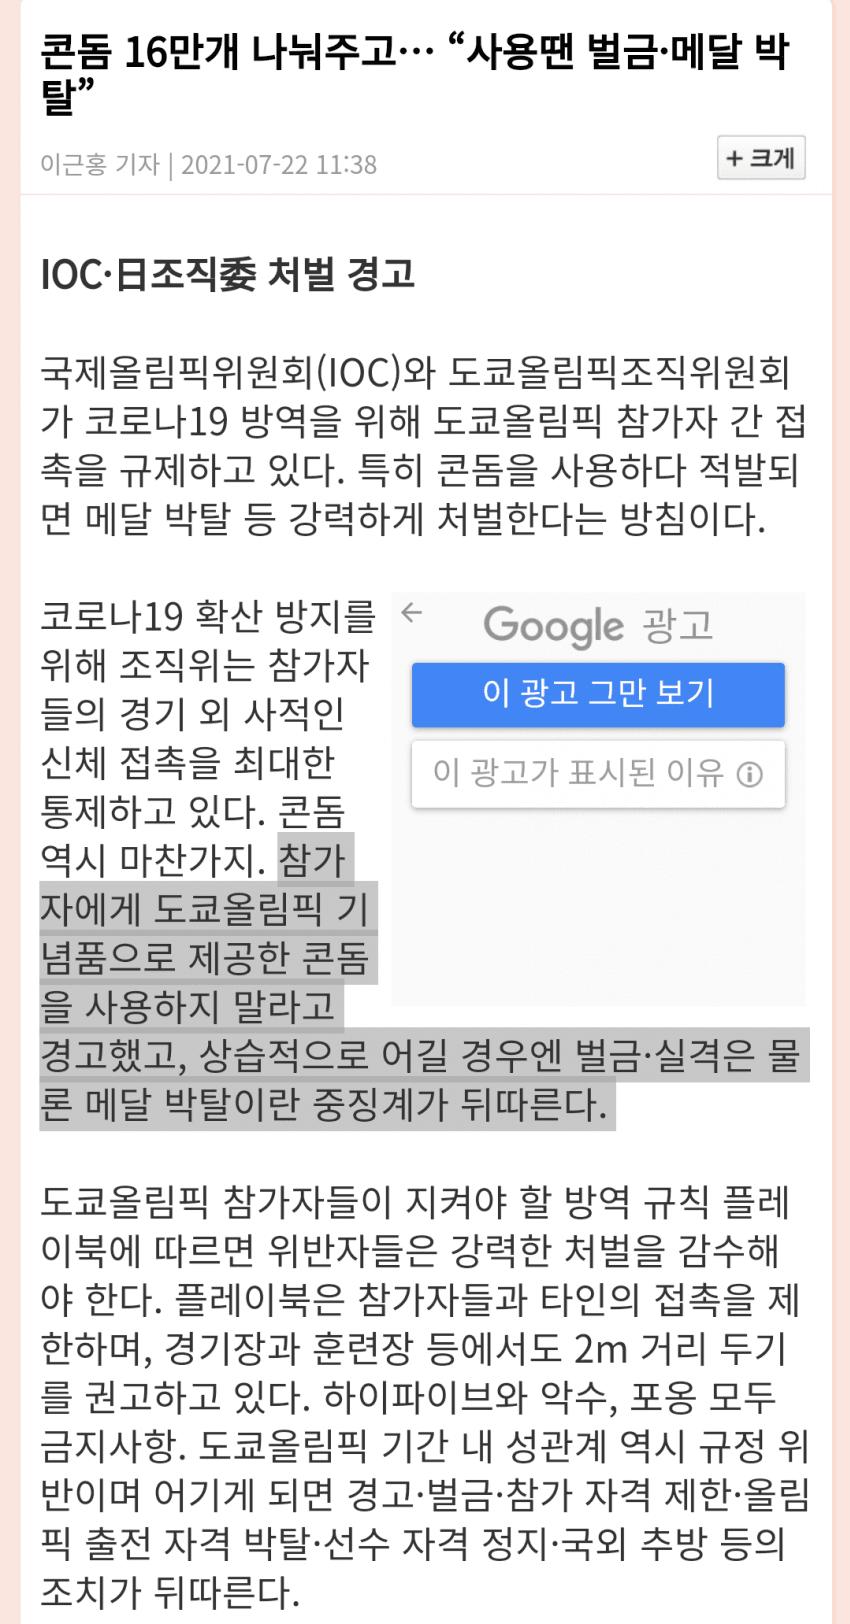 viewimage.php?no=24b0d769e1d32ca73feb86fa11d02831b7cca0f2855e21730c724febbe0c6d5250d760110b8f8ca788d6deda26e07fd592bc5fe04449a36094536cf851c18431f33e7f2dbbd3c6eaa5b03052b91a503336c91de35e5affaaca6da00e51d1